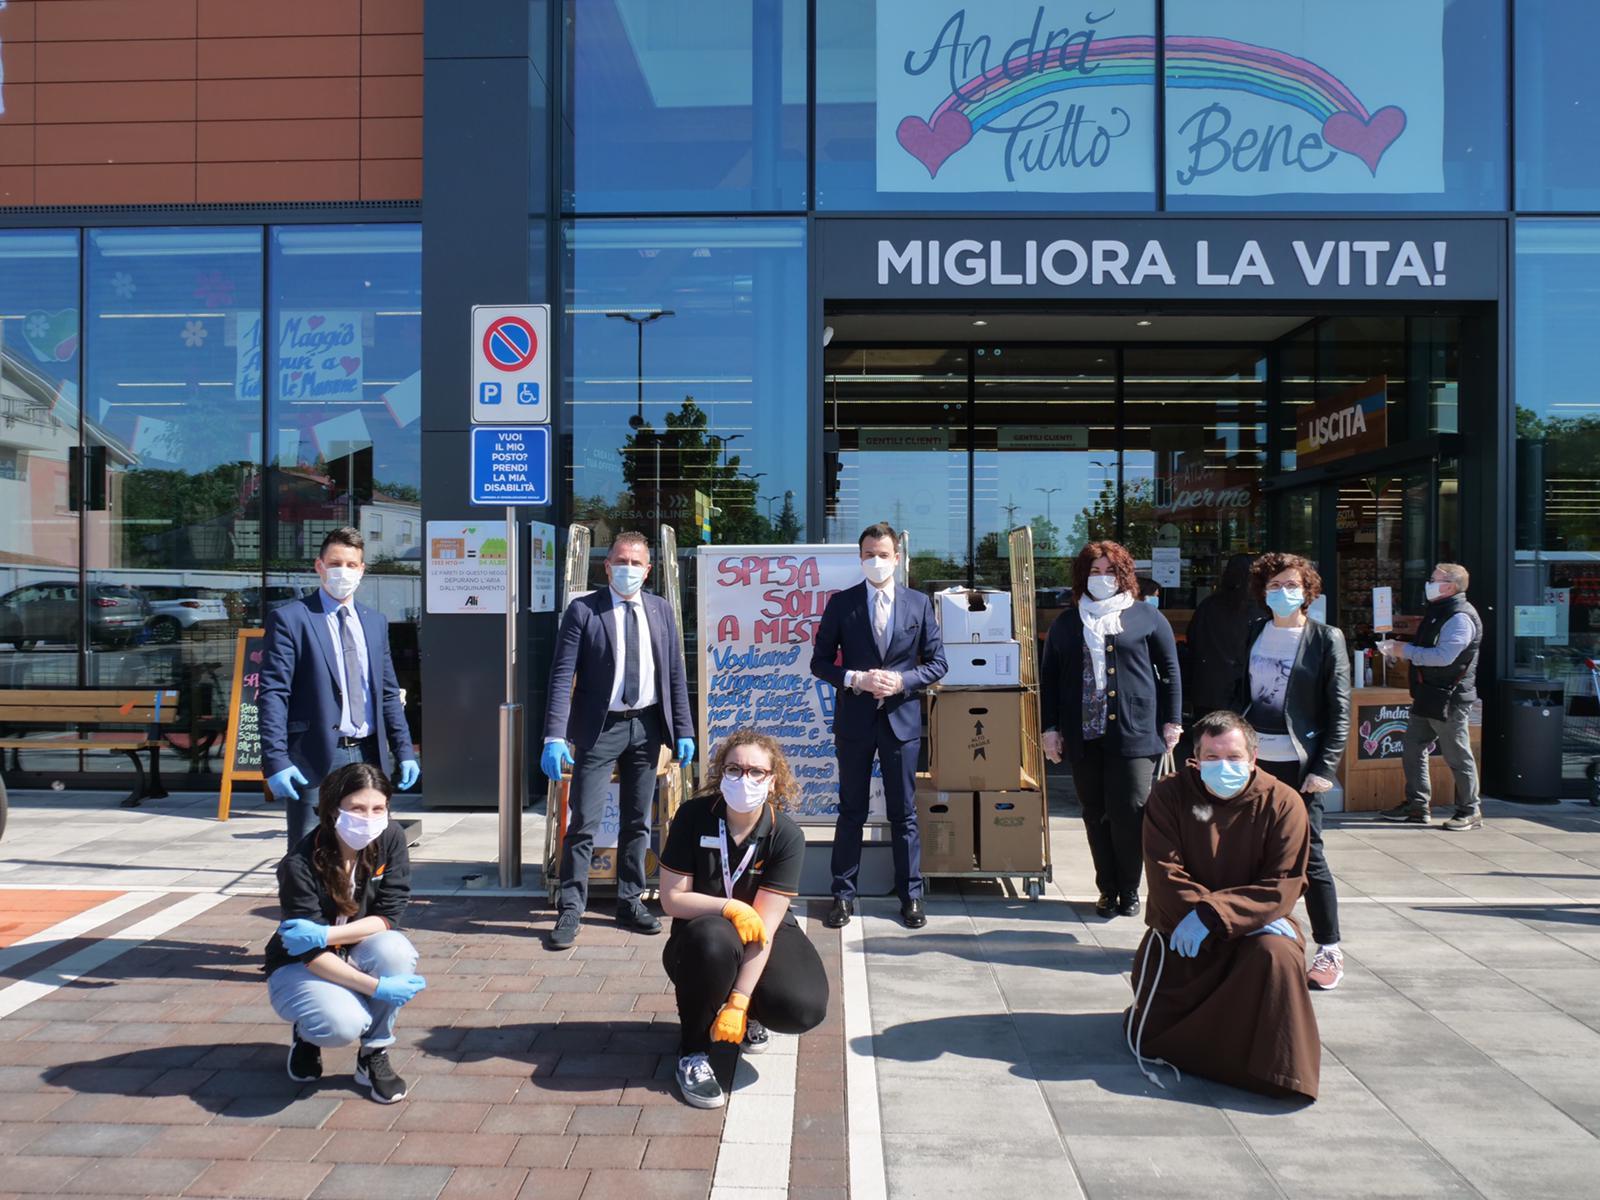 Spesa solidale: all'Alì di Mestre via Sforza raccolti beni di prima necessità